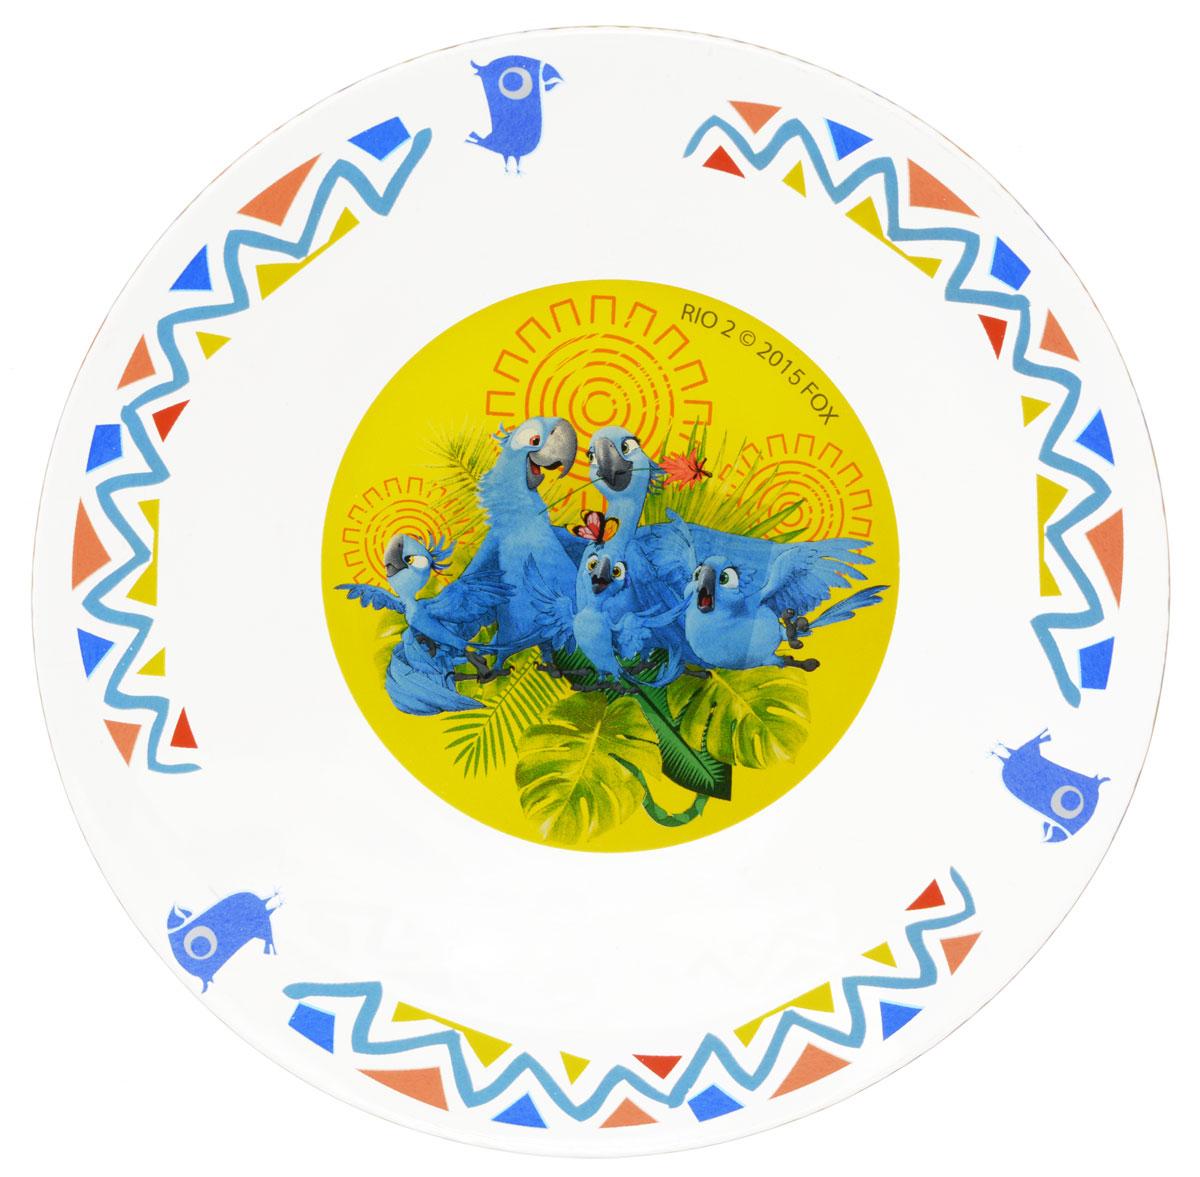 Рио Тарелка детская диаметр 19,5 смVT-1520(SR)Яркая тарелка Рио идеально подойдет для кормления малыша и самостоятельного приема им пищи. Тарелка выполнена из стекла и оформлена высококачественным изображением героев мультфильма Рио-2.Такой подарок станет не только приятным, но и практичным сувениром, добавит ярких эмоций вашему ребенку! Не подходит для использования в посудомоечной машине.